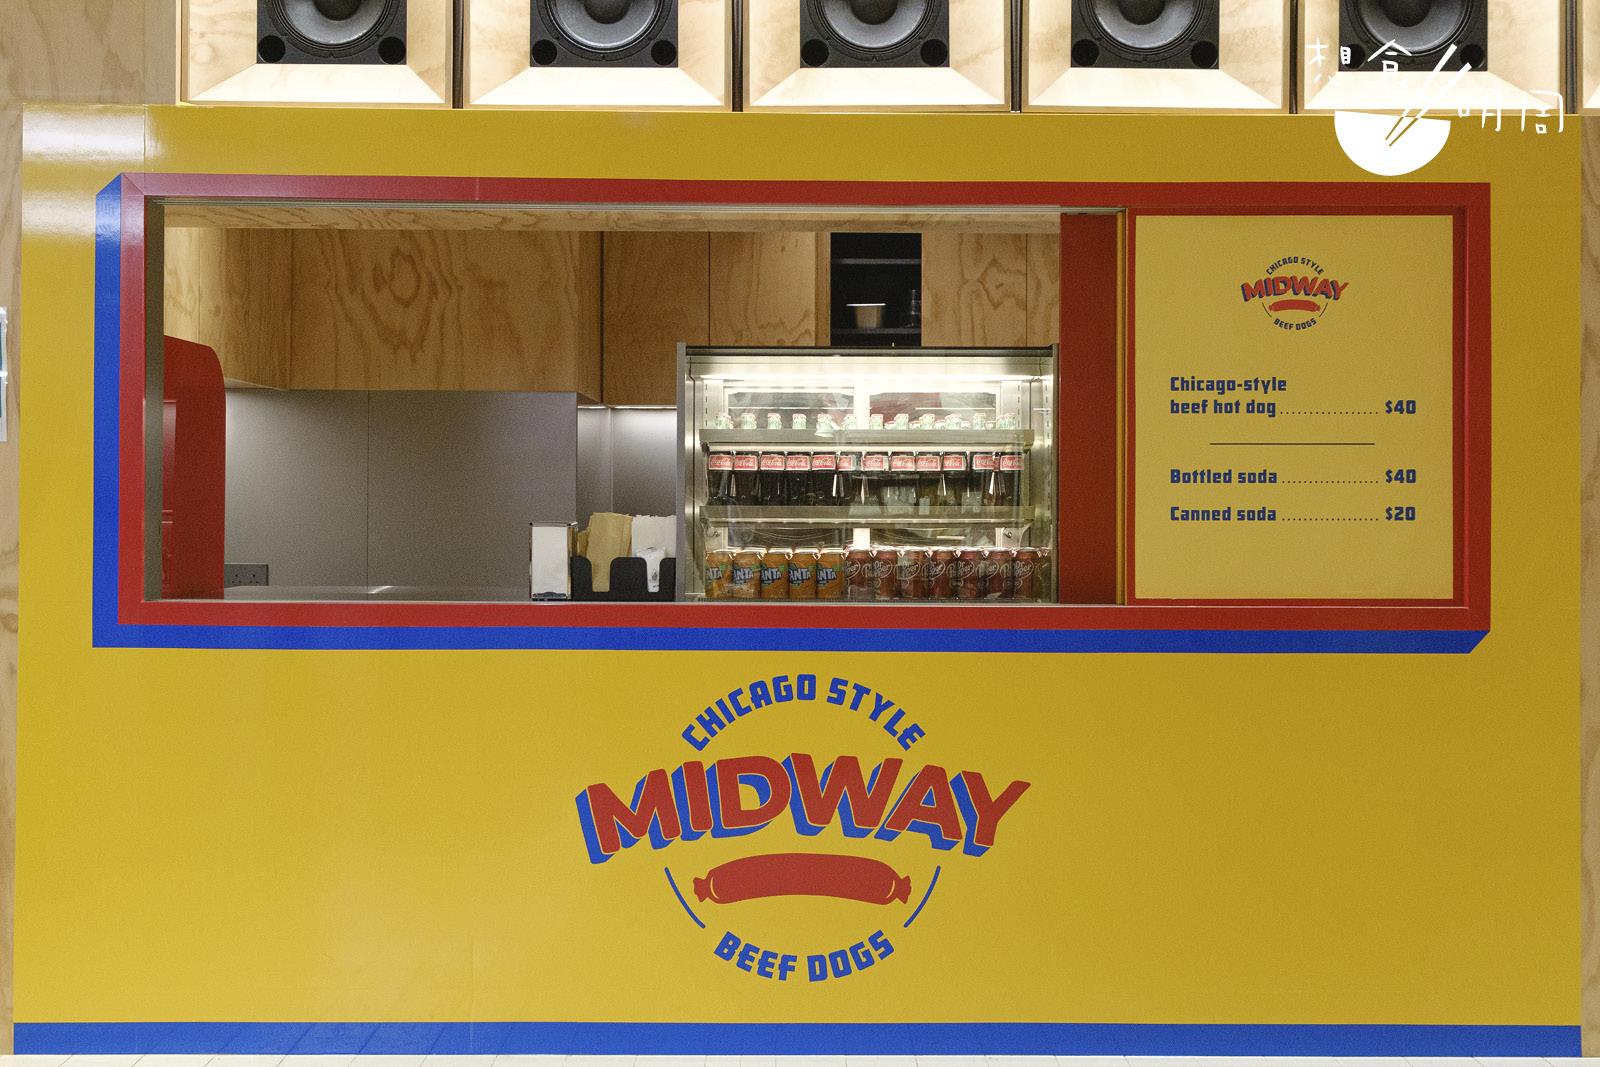 很有美式food truck的感覺呢!